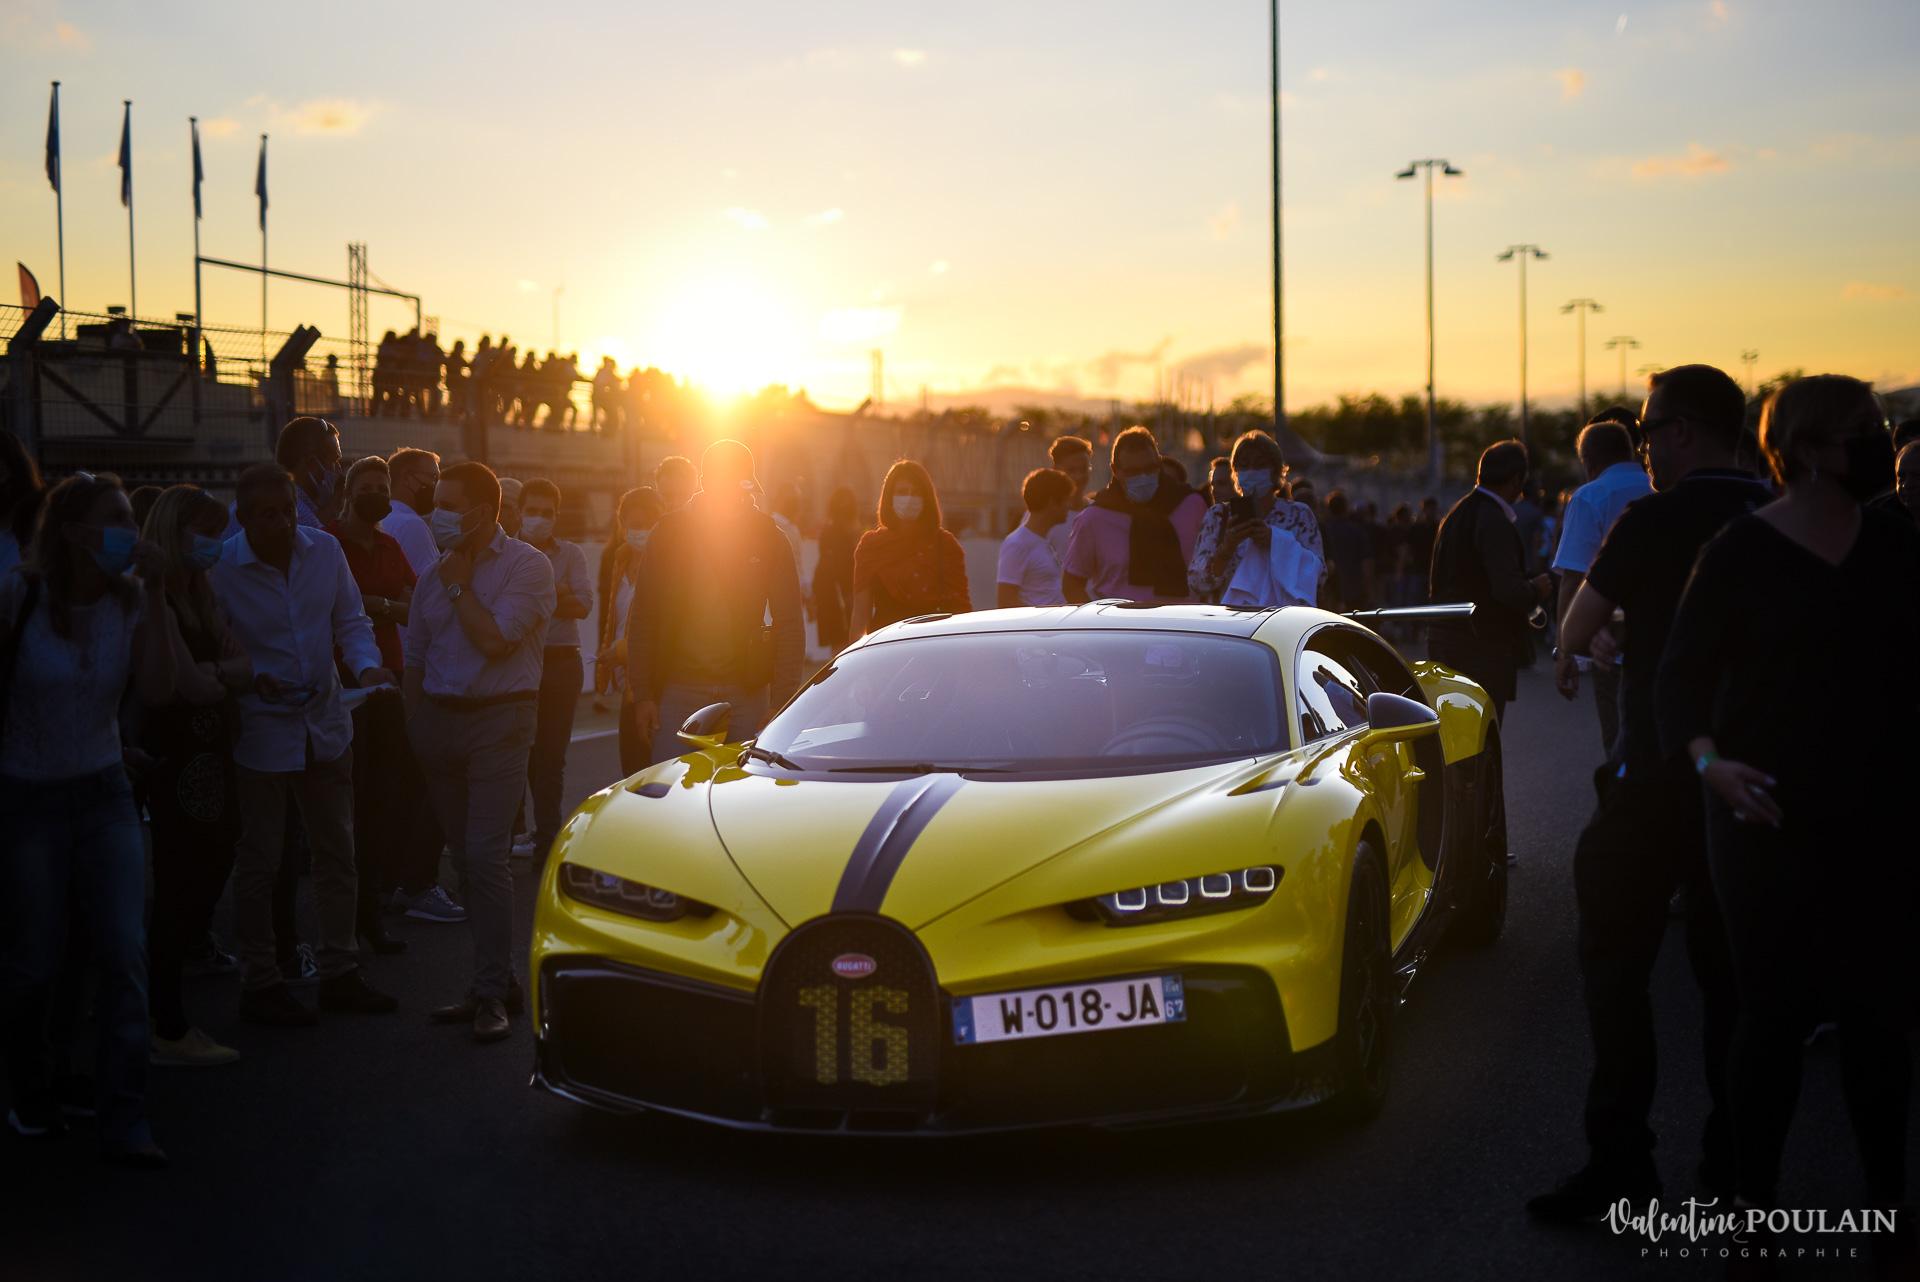 Reportage photo Evenement sportif Bugatti Chiron pur sport -automobile _Valentine Poulain